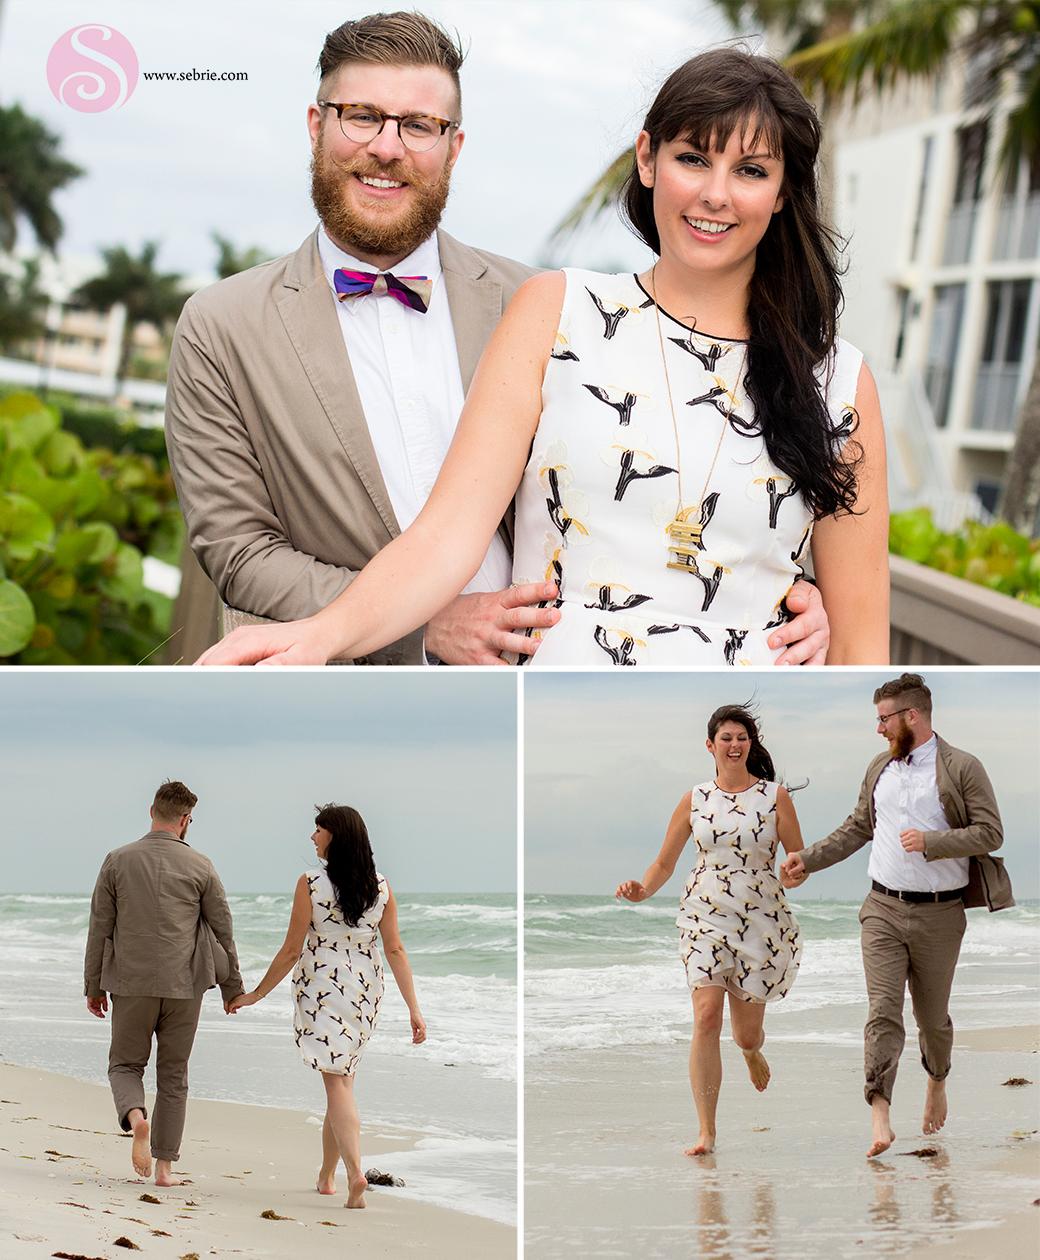 beach-photography-portrait-elopement